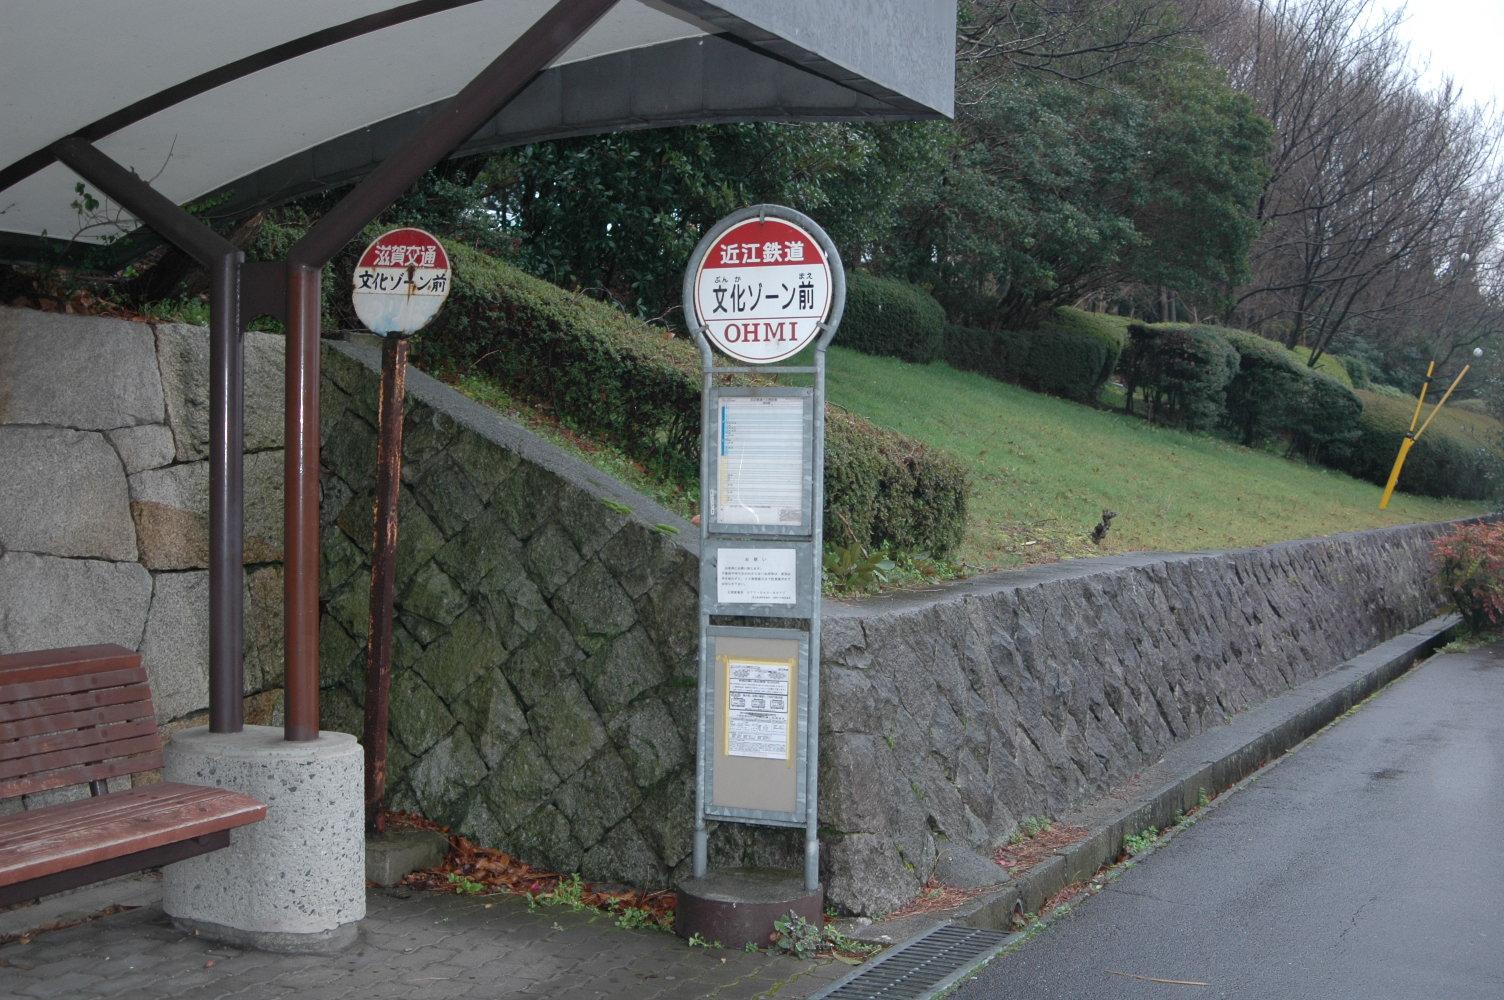 バス停(文化ゾーン前、西行)